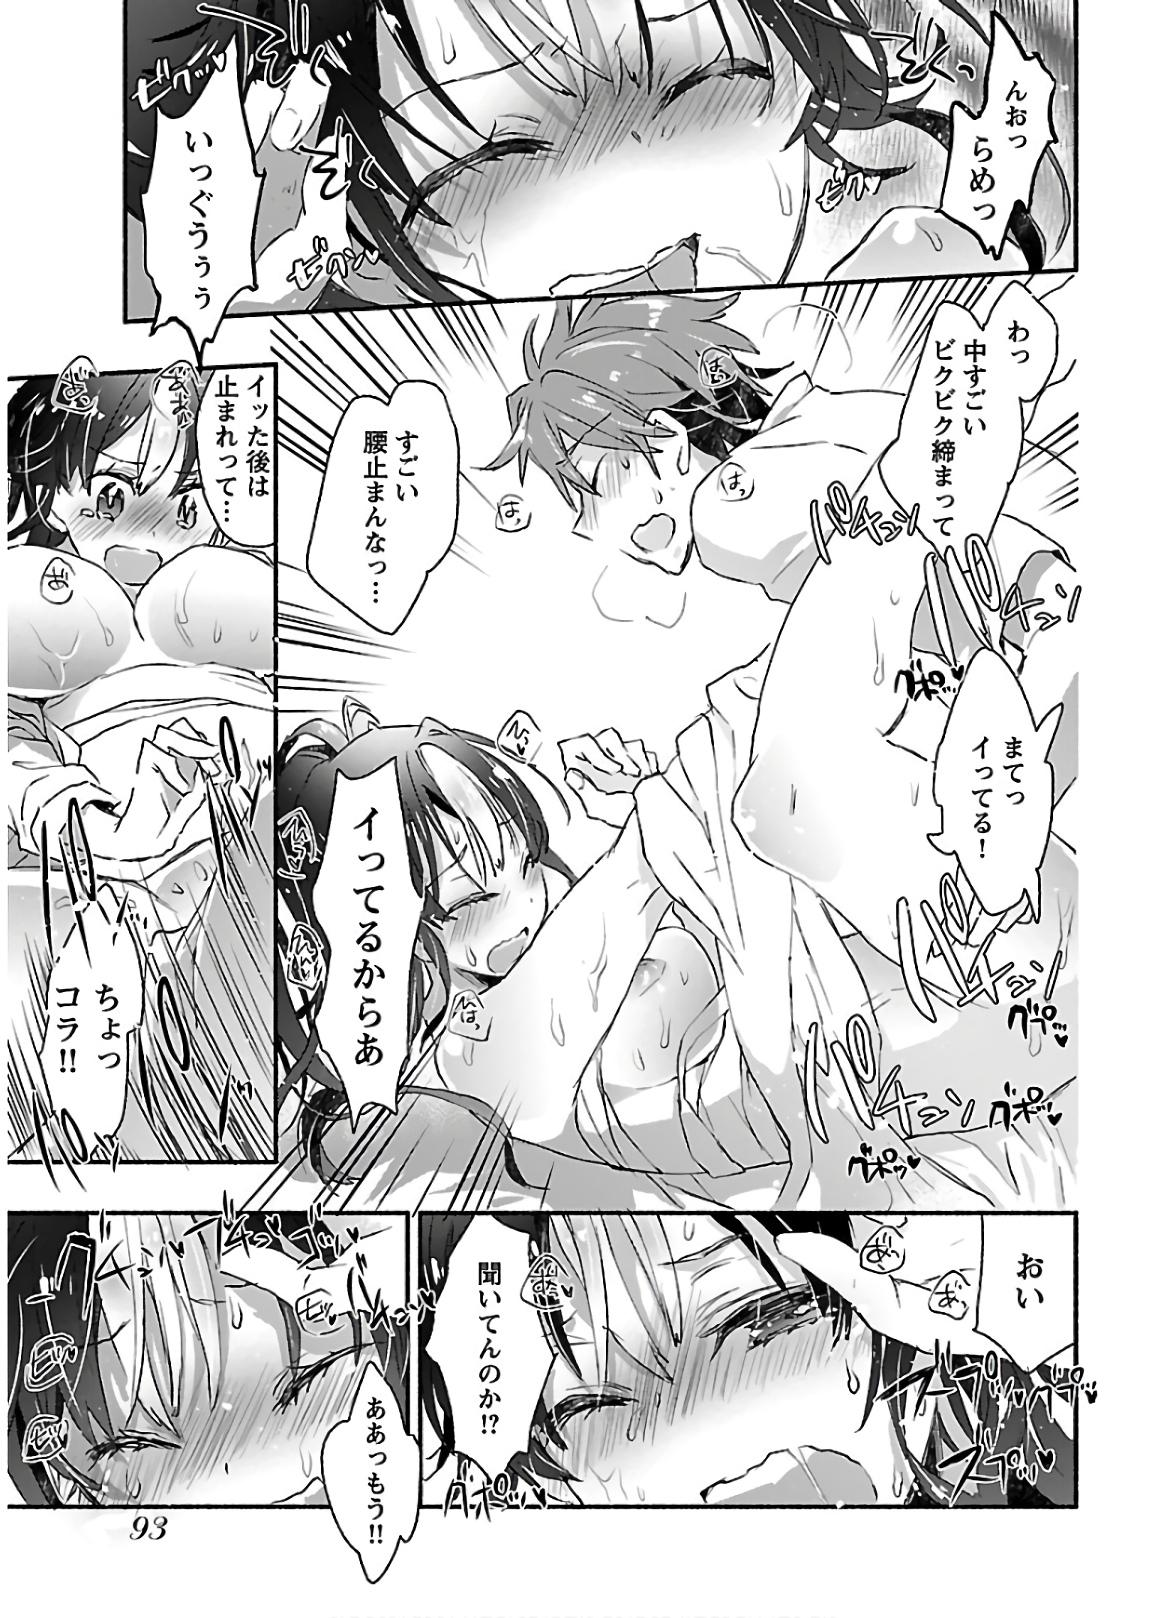 Yankii musume ni natsukarete kotoshi mo juken ni shippai shisou desu  vol.1 94